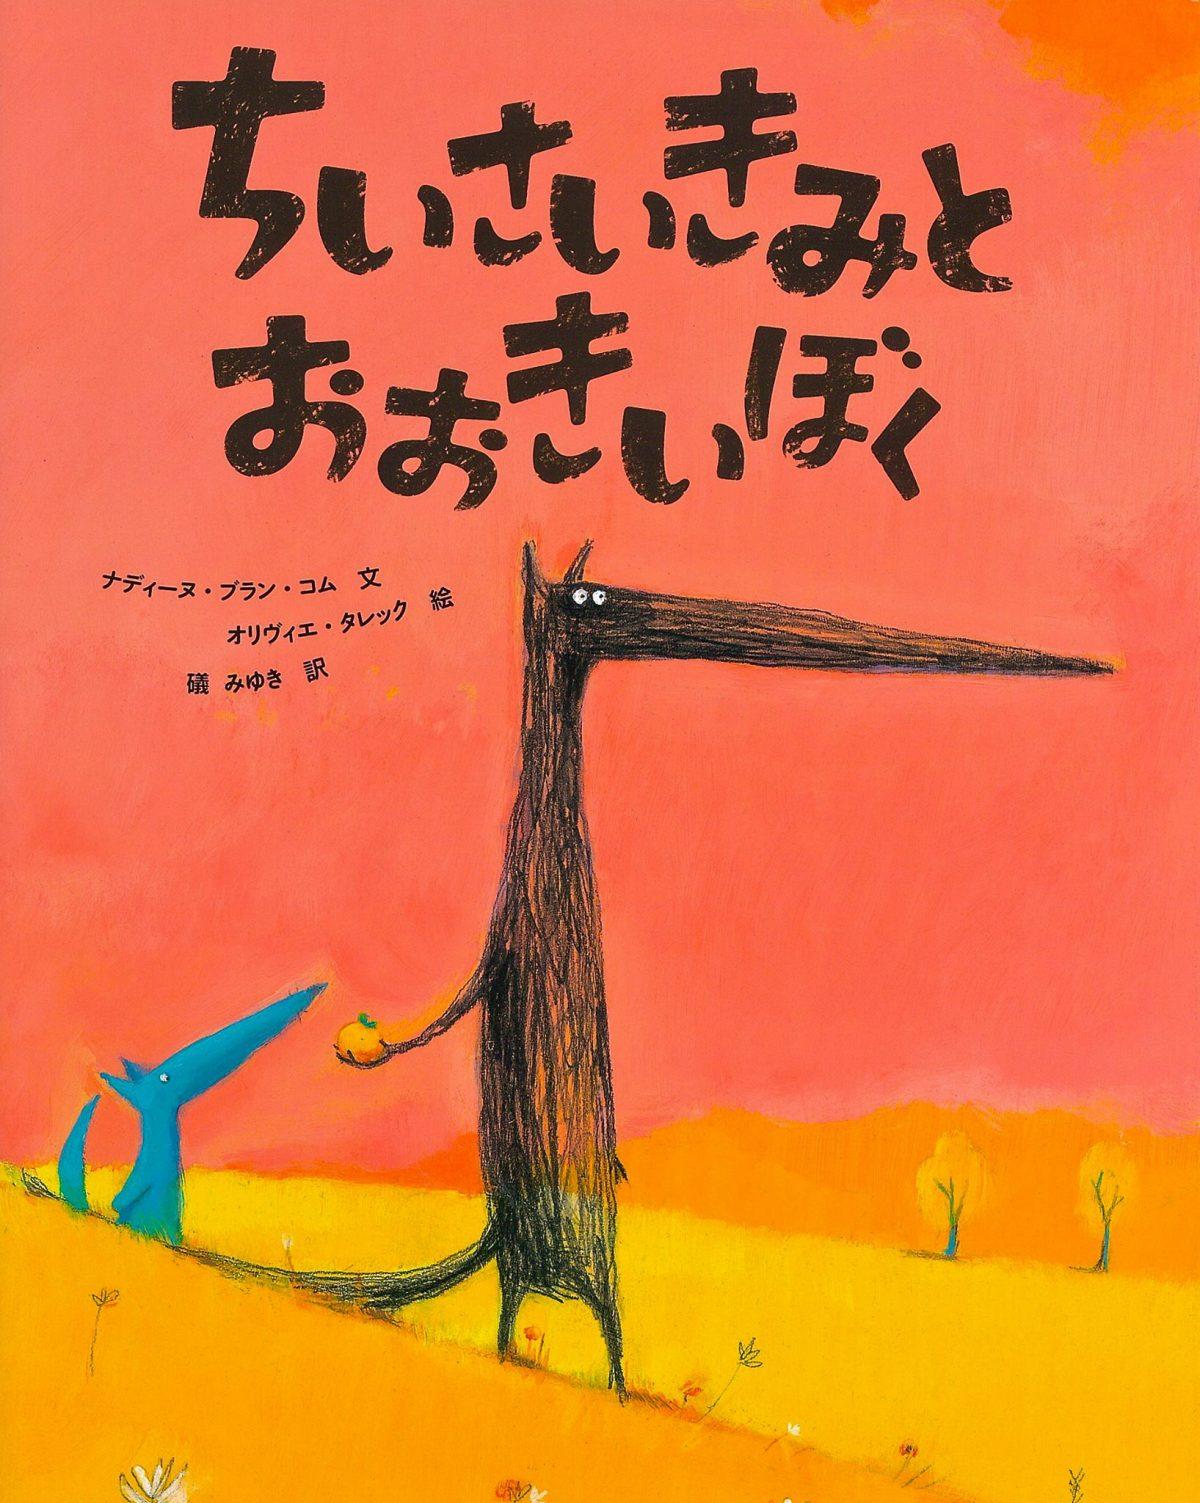 絵本「ちいさいきみとおおきいぼく」の表紙